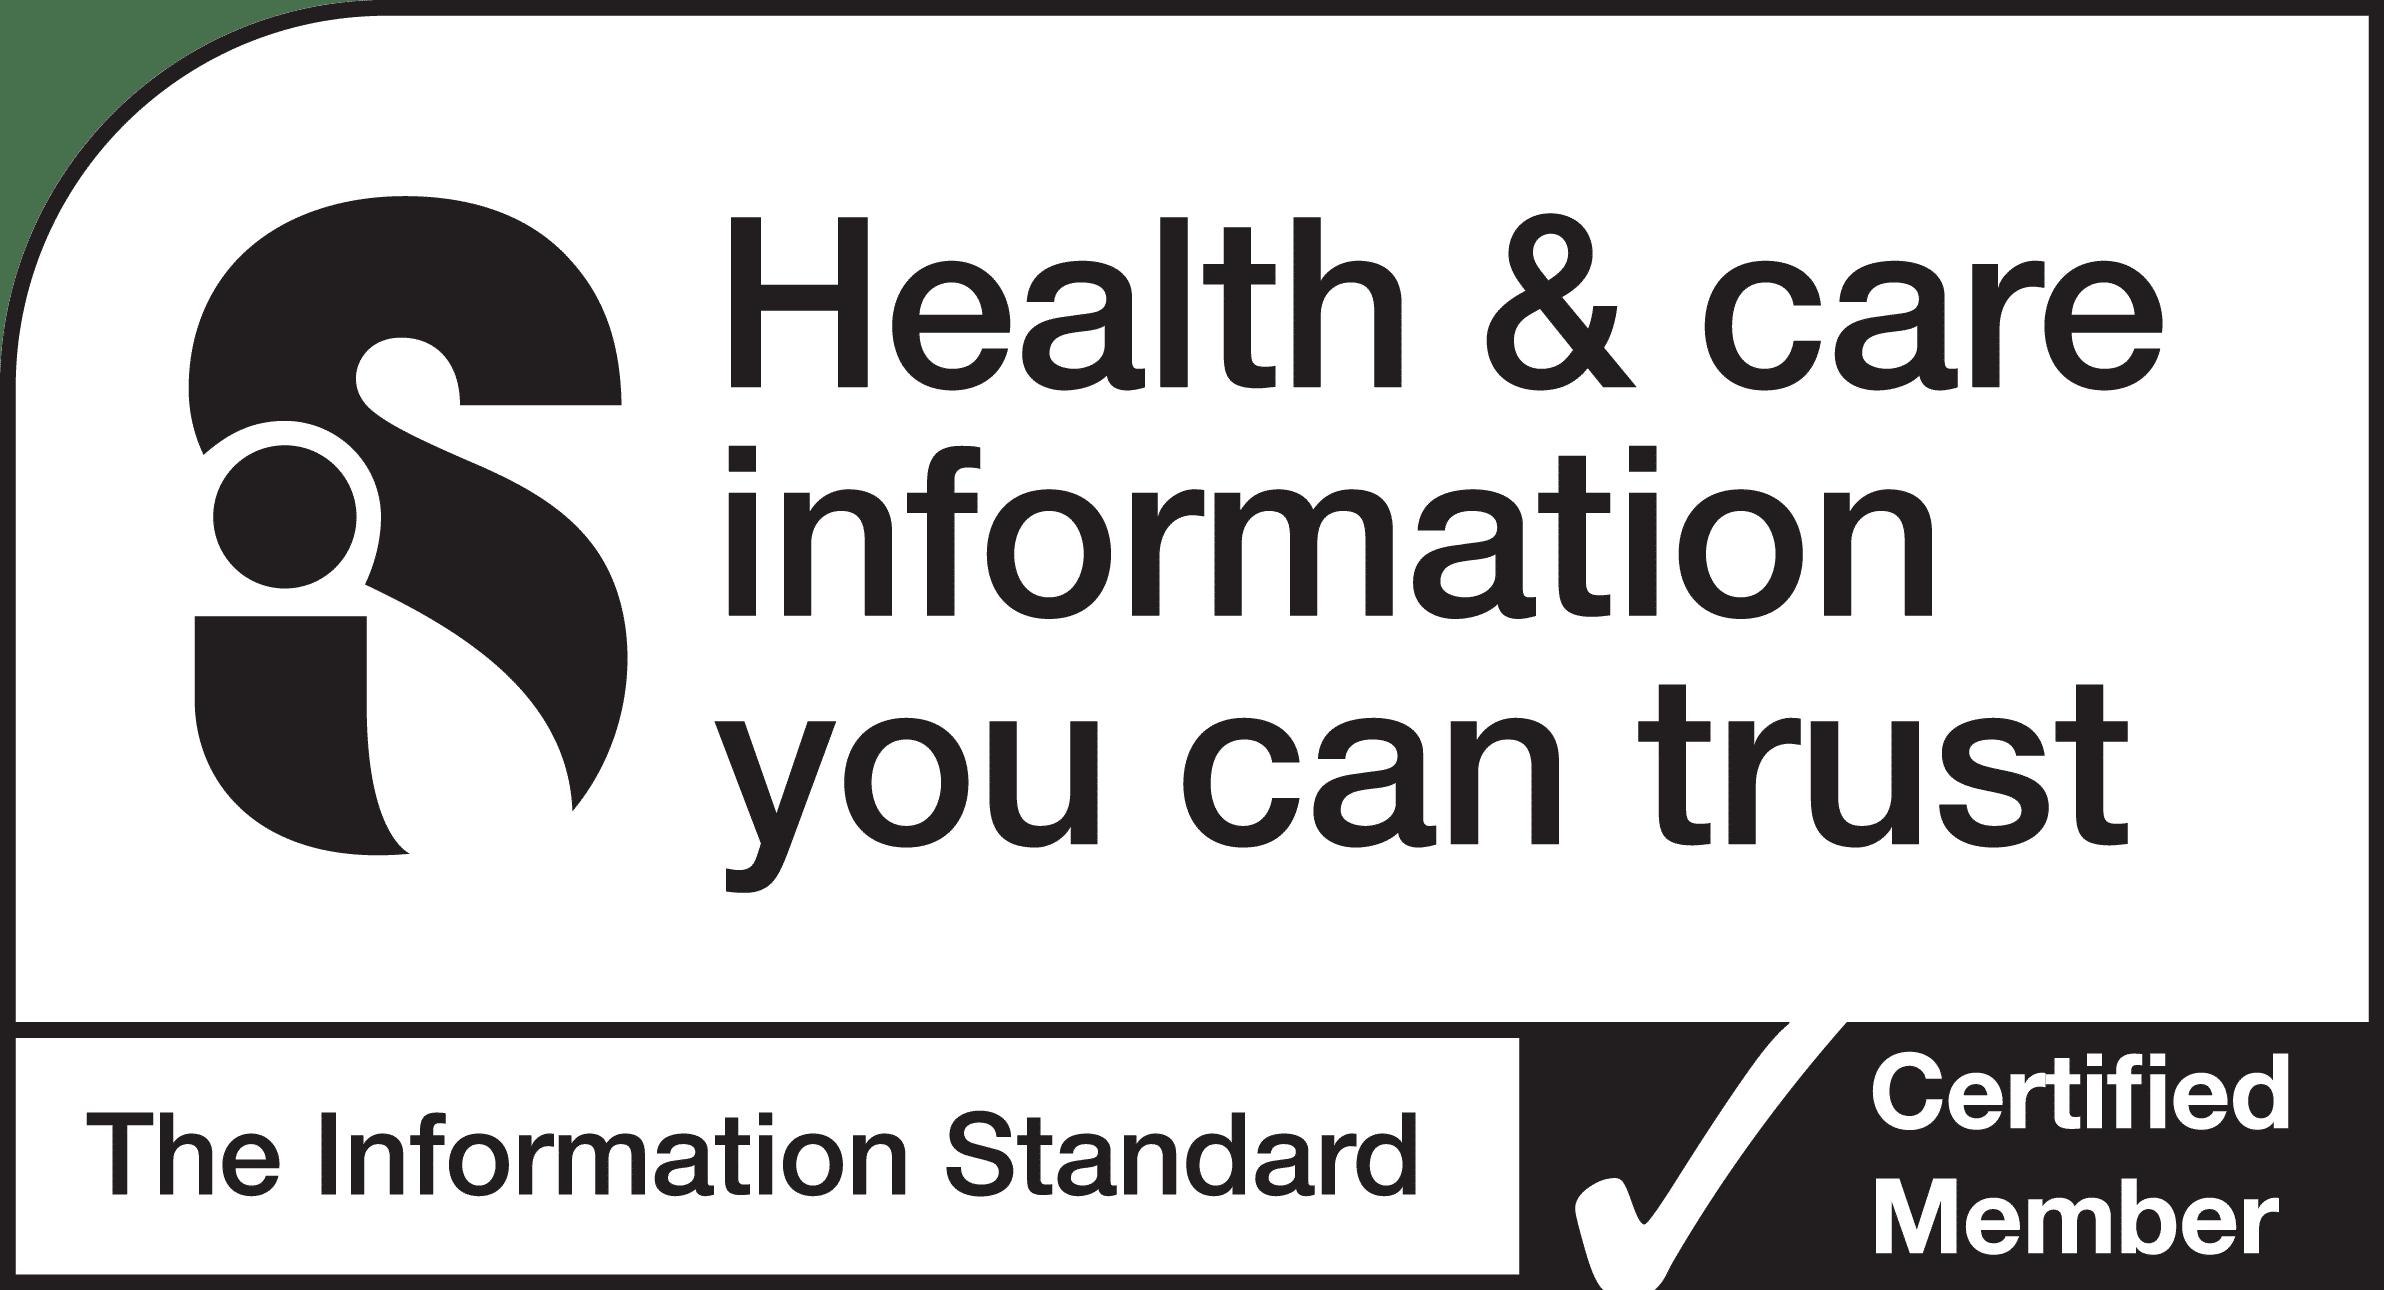 NHS England's Information Standard